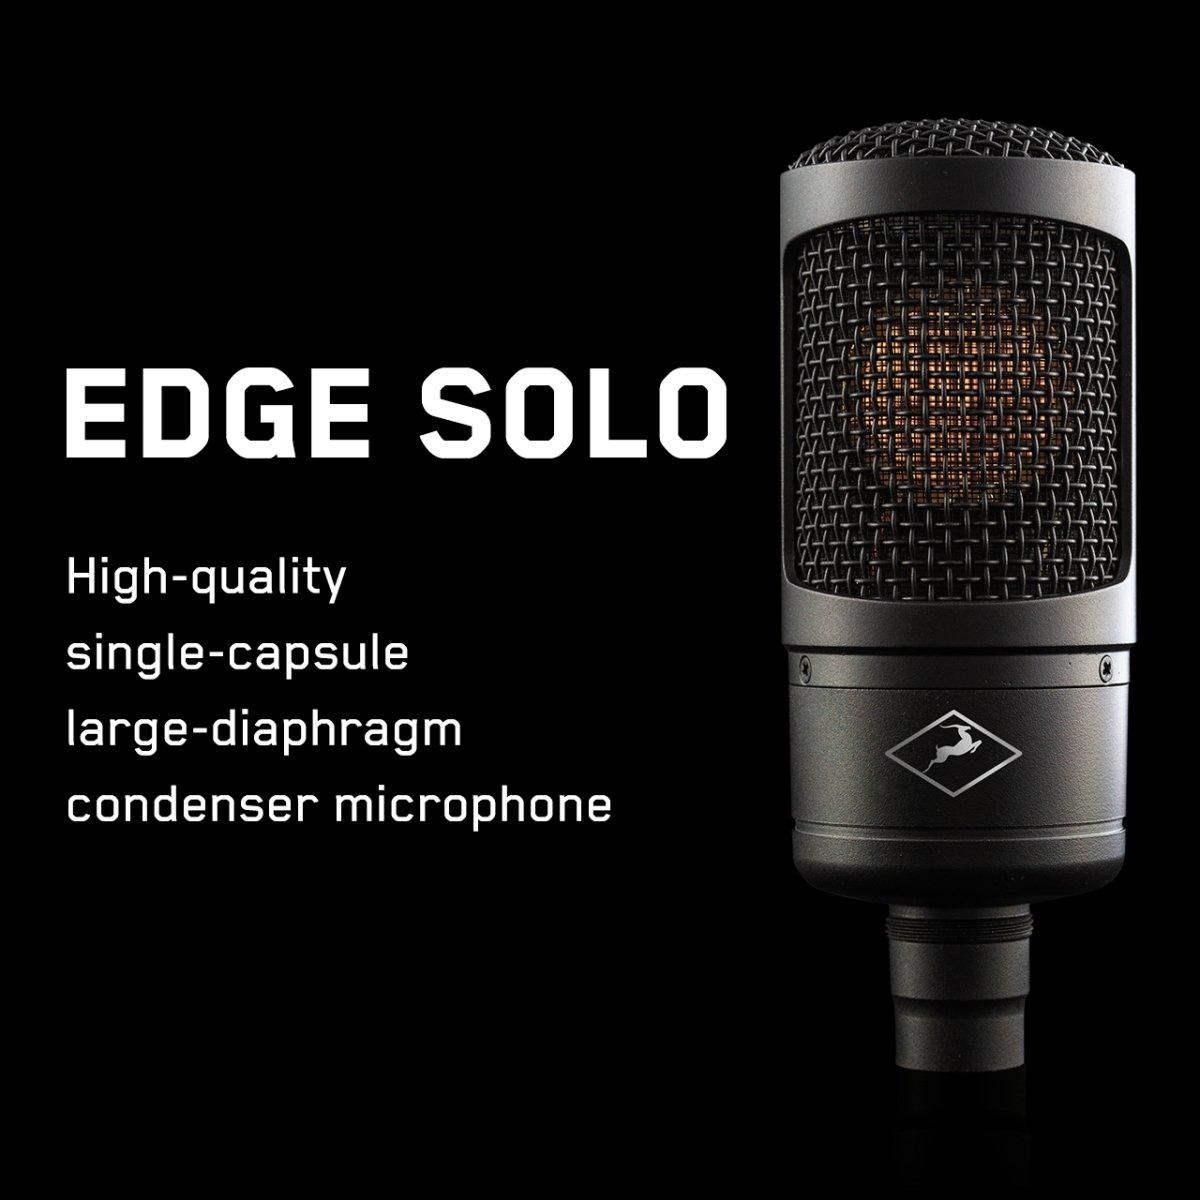 【お得! ナイスプライス 】Antelope Audio EDGE SOLO ラージダイアフラム コンデンサー マイクロフォン